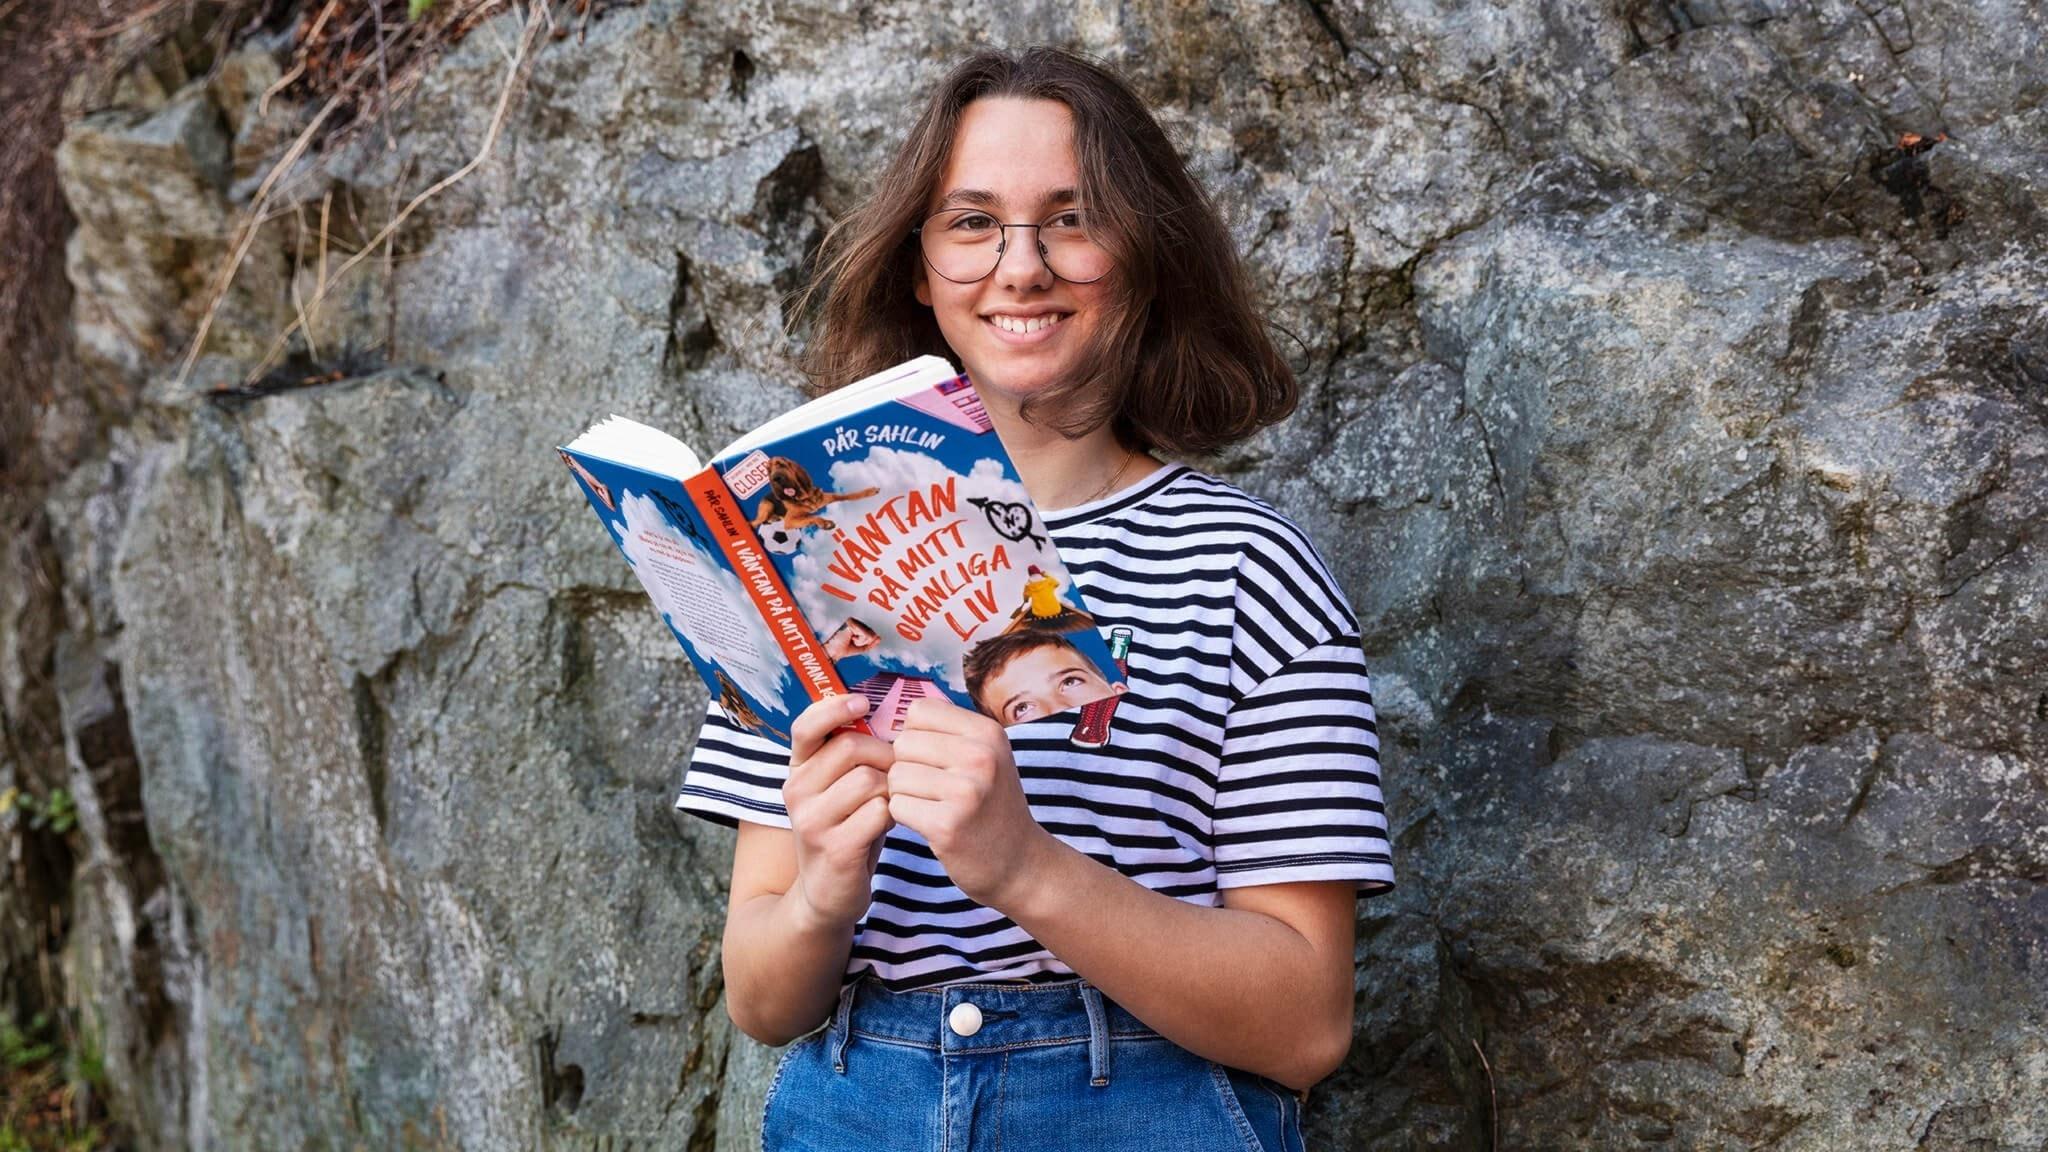 Vera Larsson håller i boken I väntan på mitt ovanliga liv av Pär Sahlin